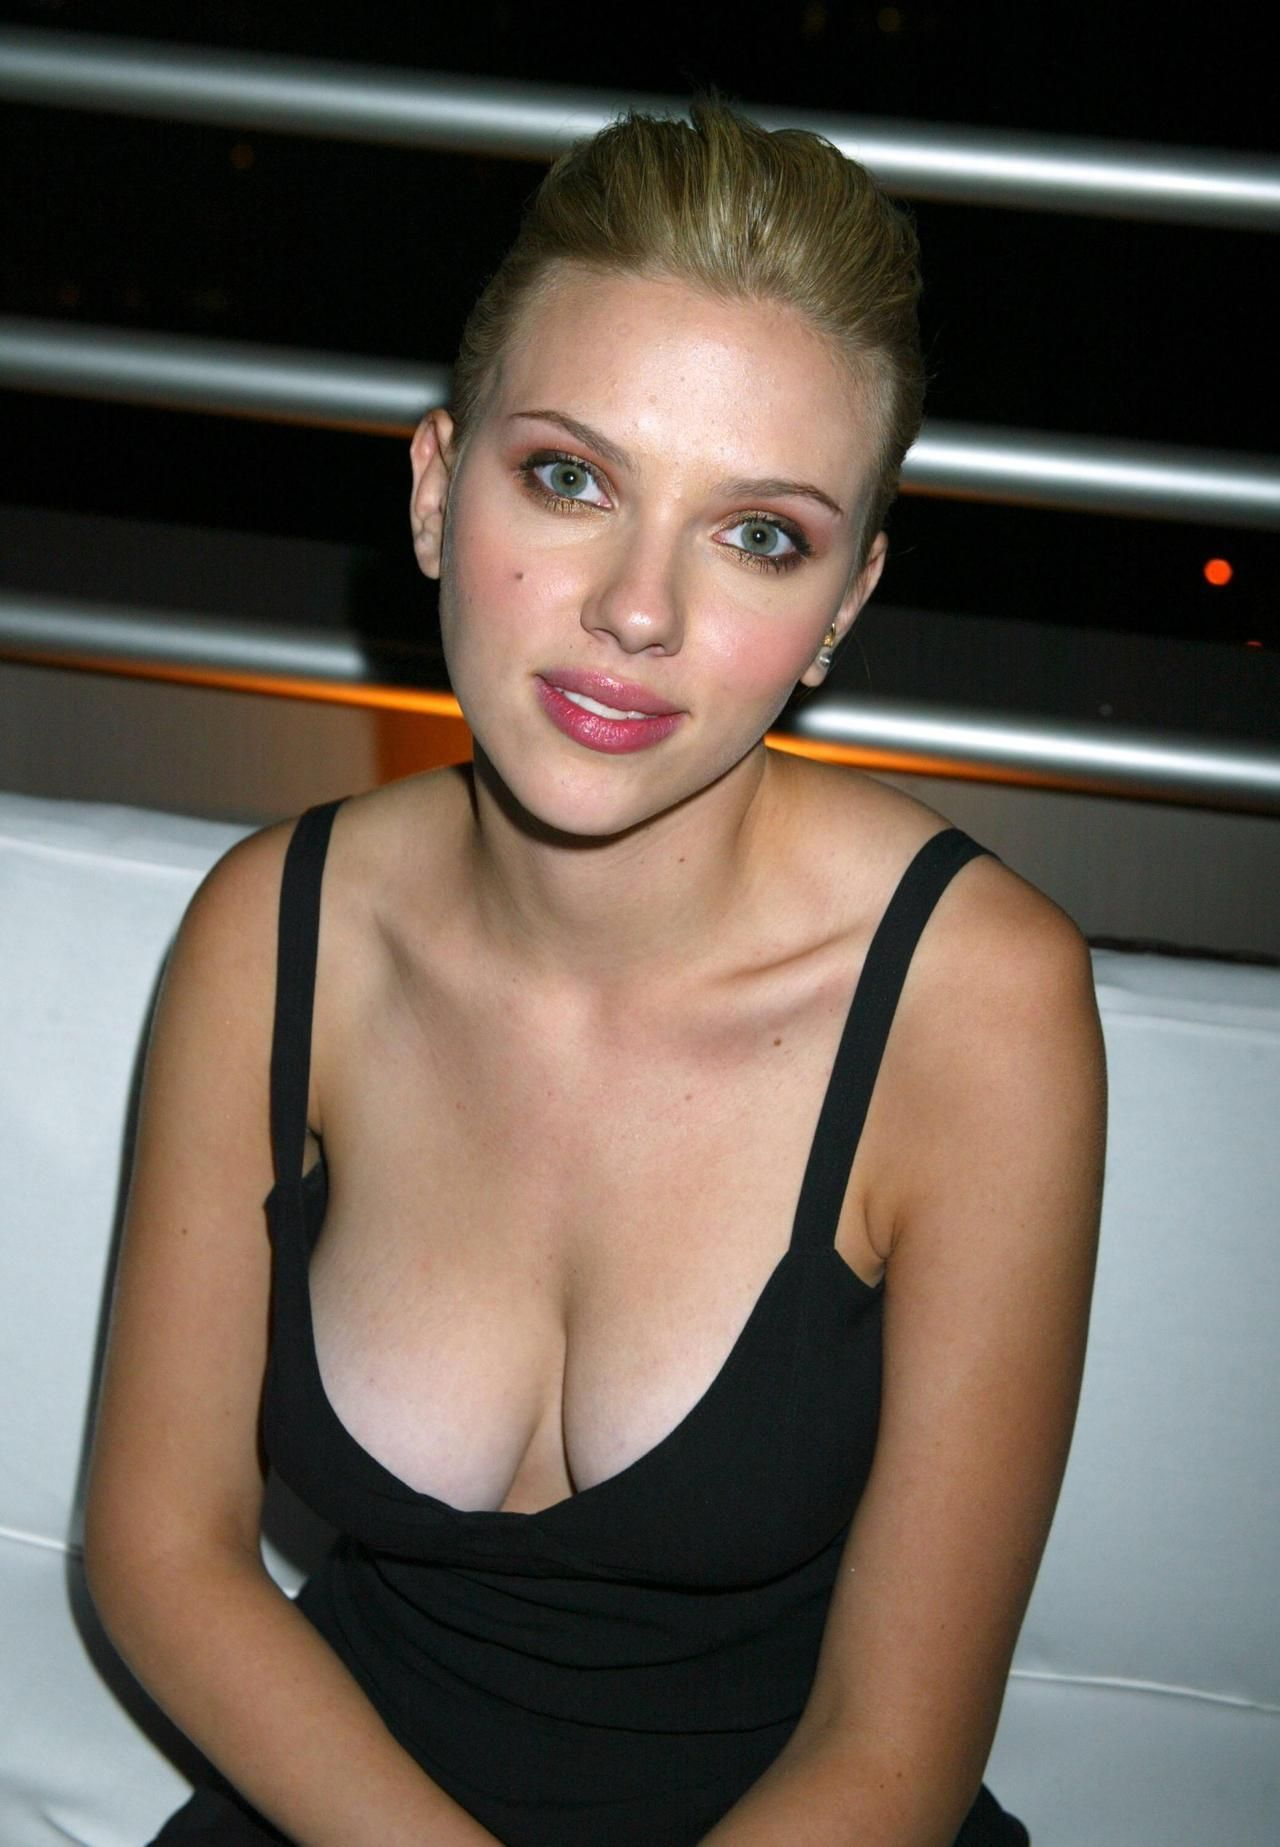 Scarlett johansson ot found photo scarlett johansson in